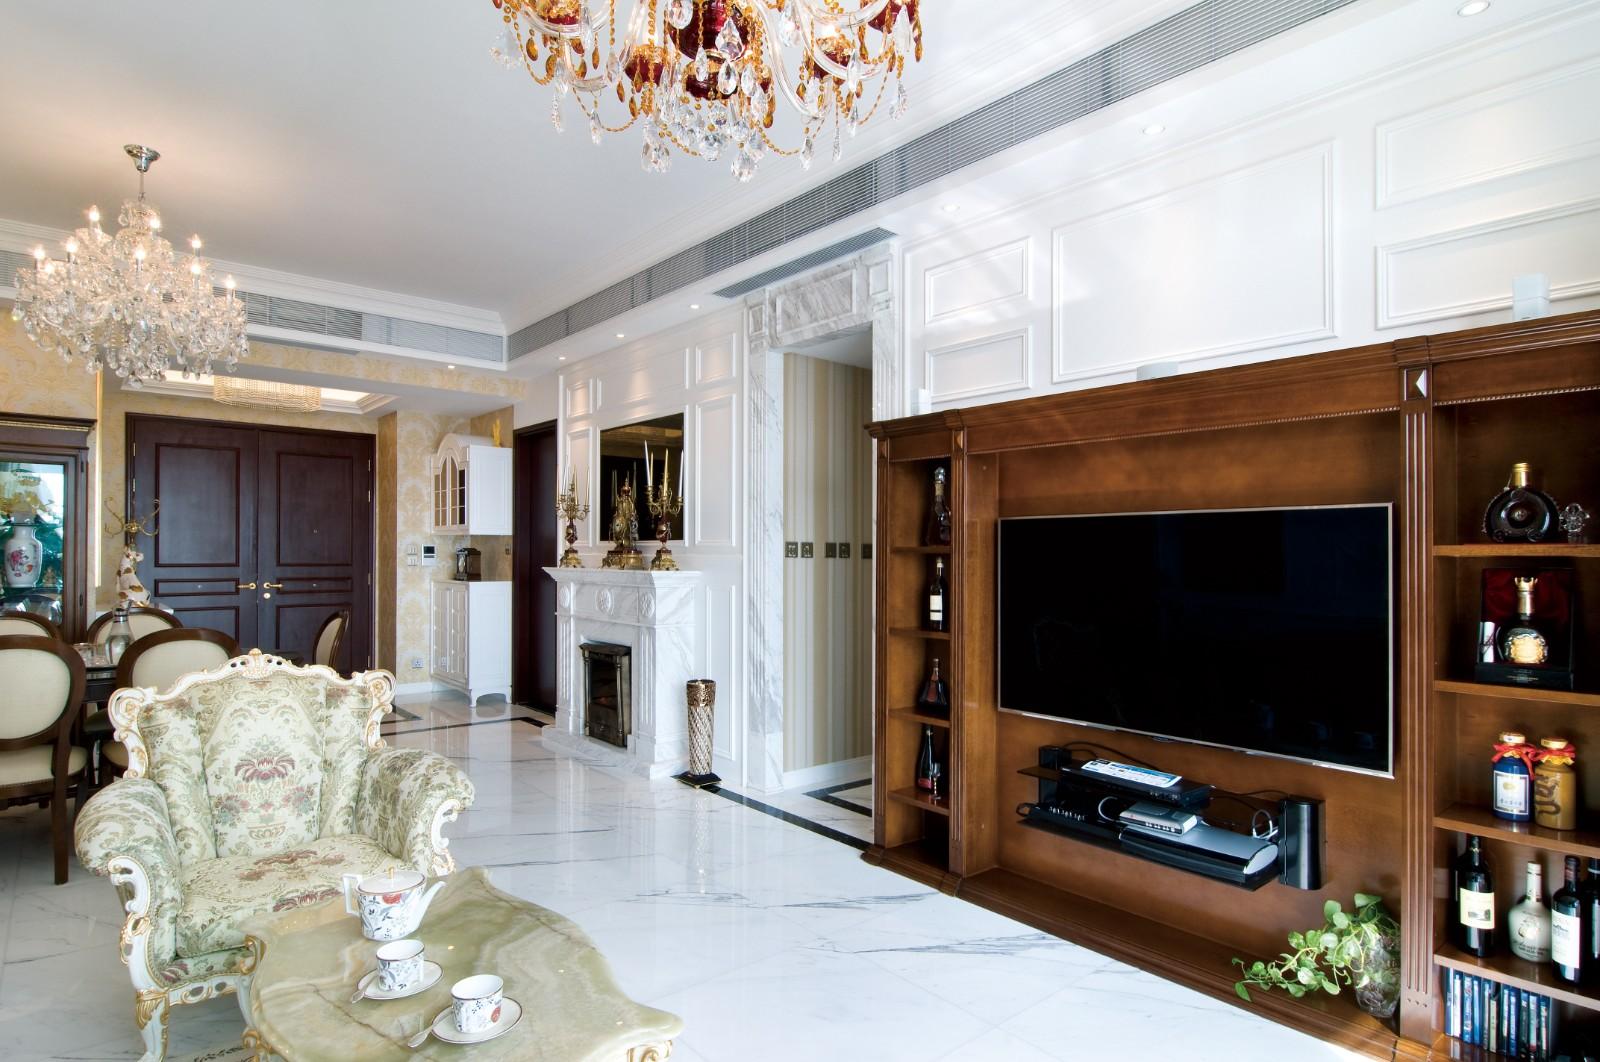 時尚大氣歐式客厅欧式豪华客厅设计图片赏析